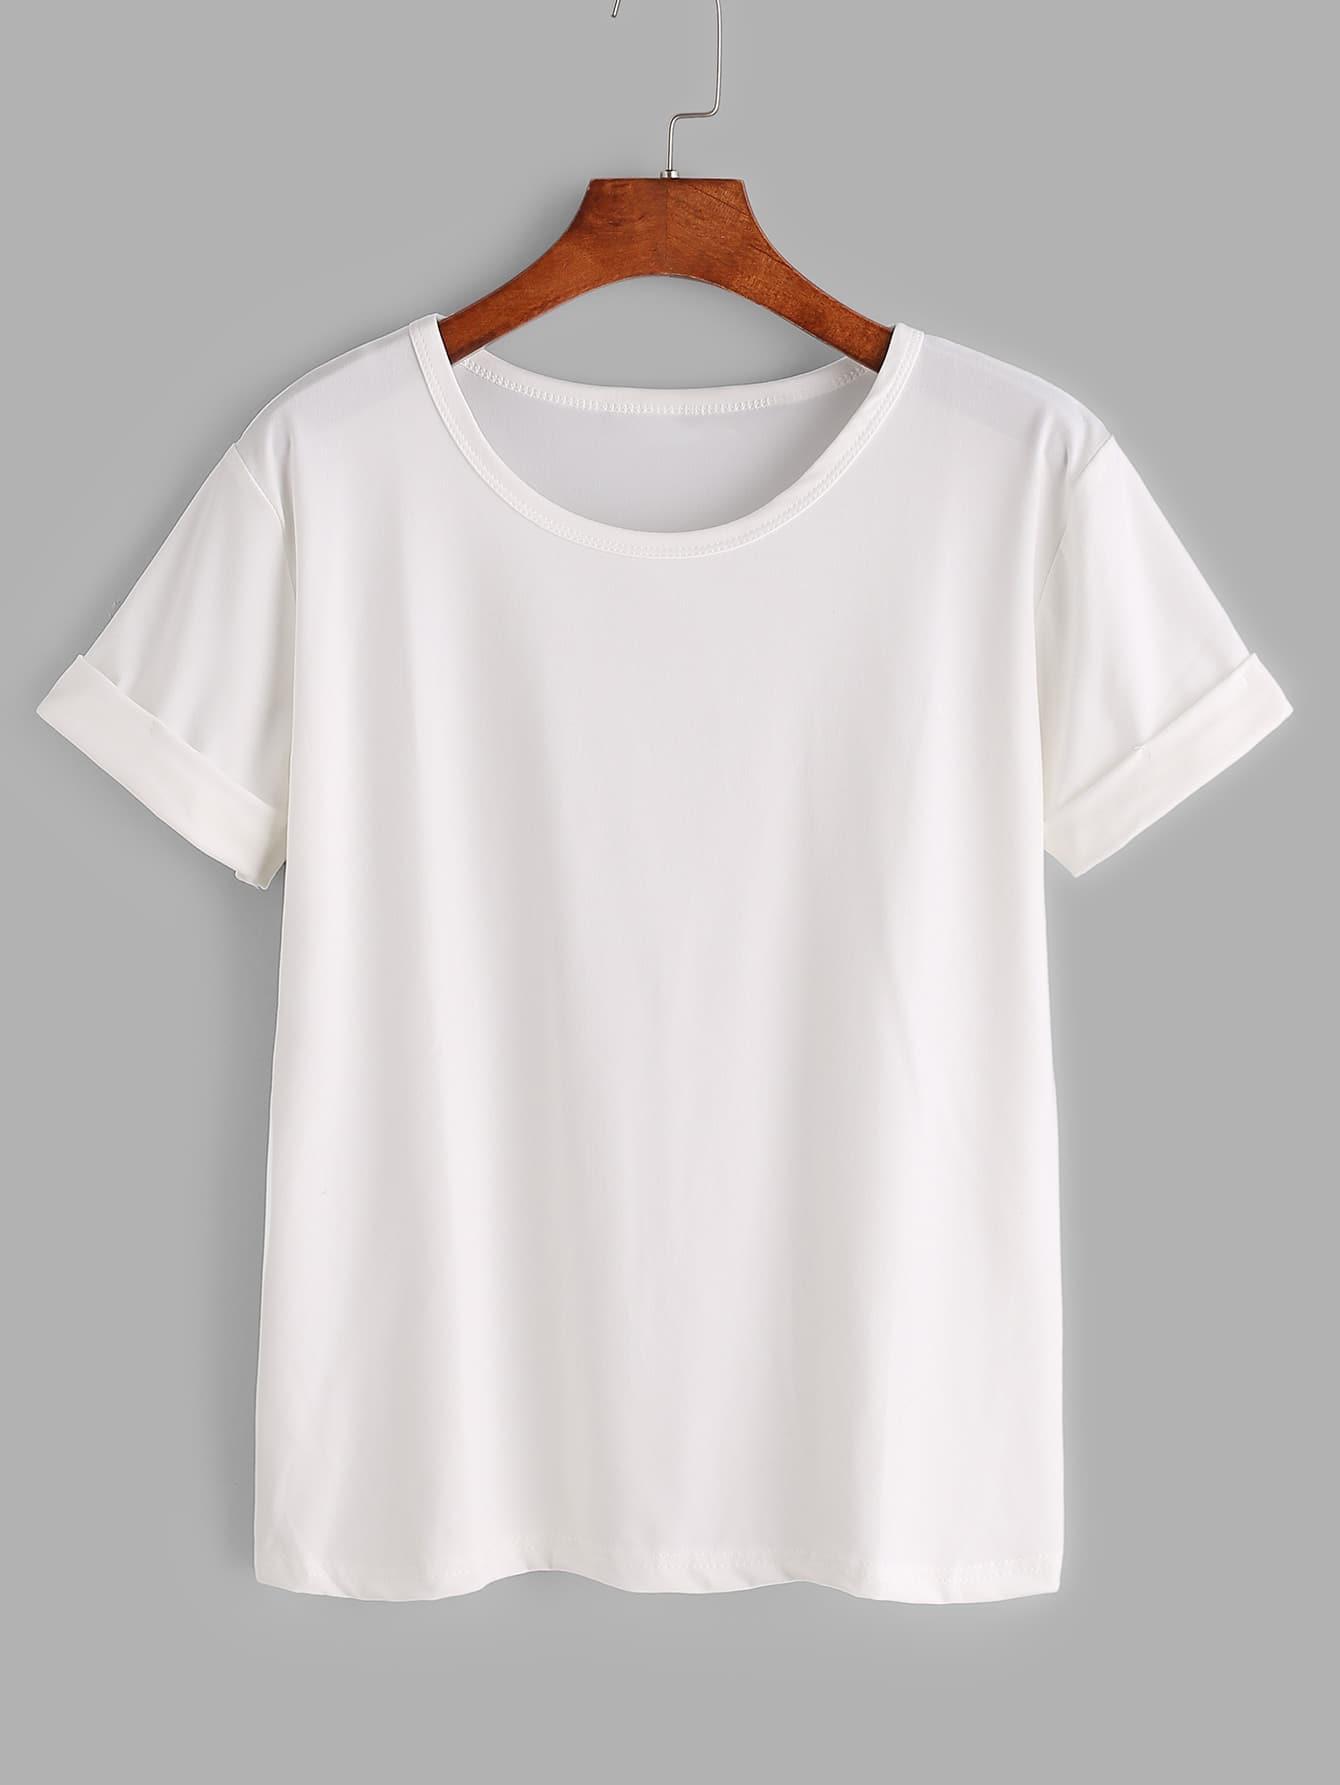 White Rolled Sleeve Basic T Shirt